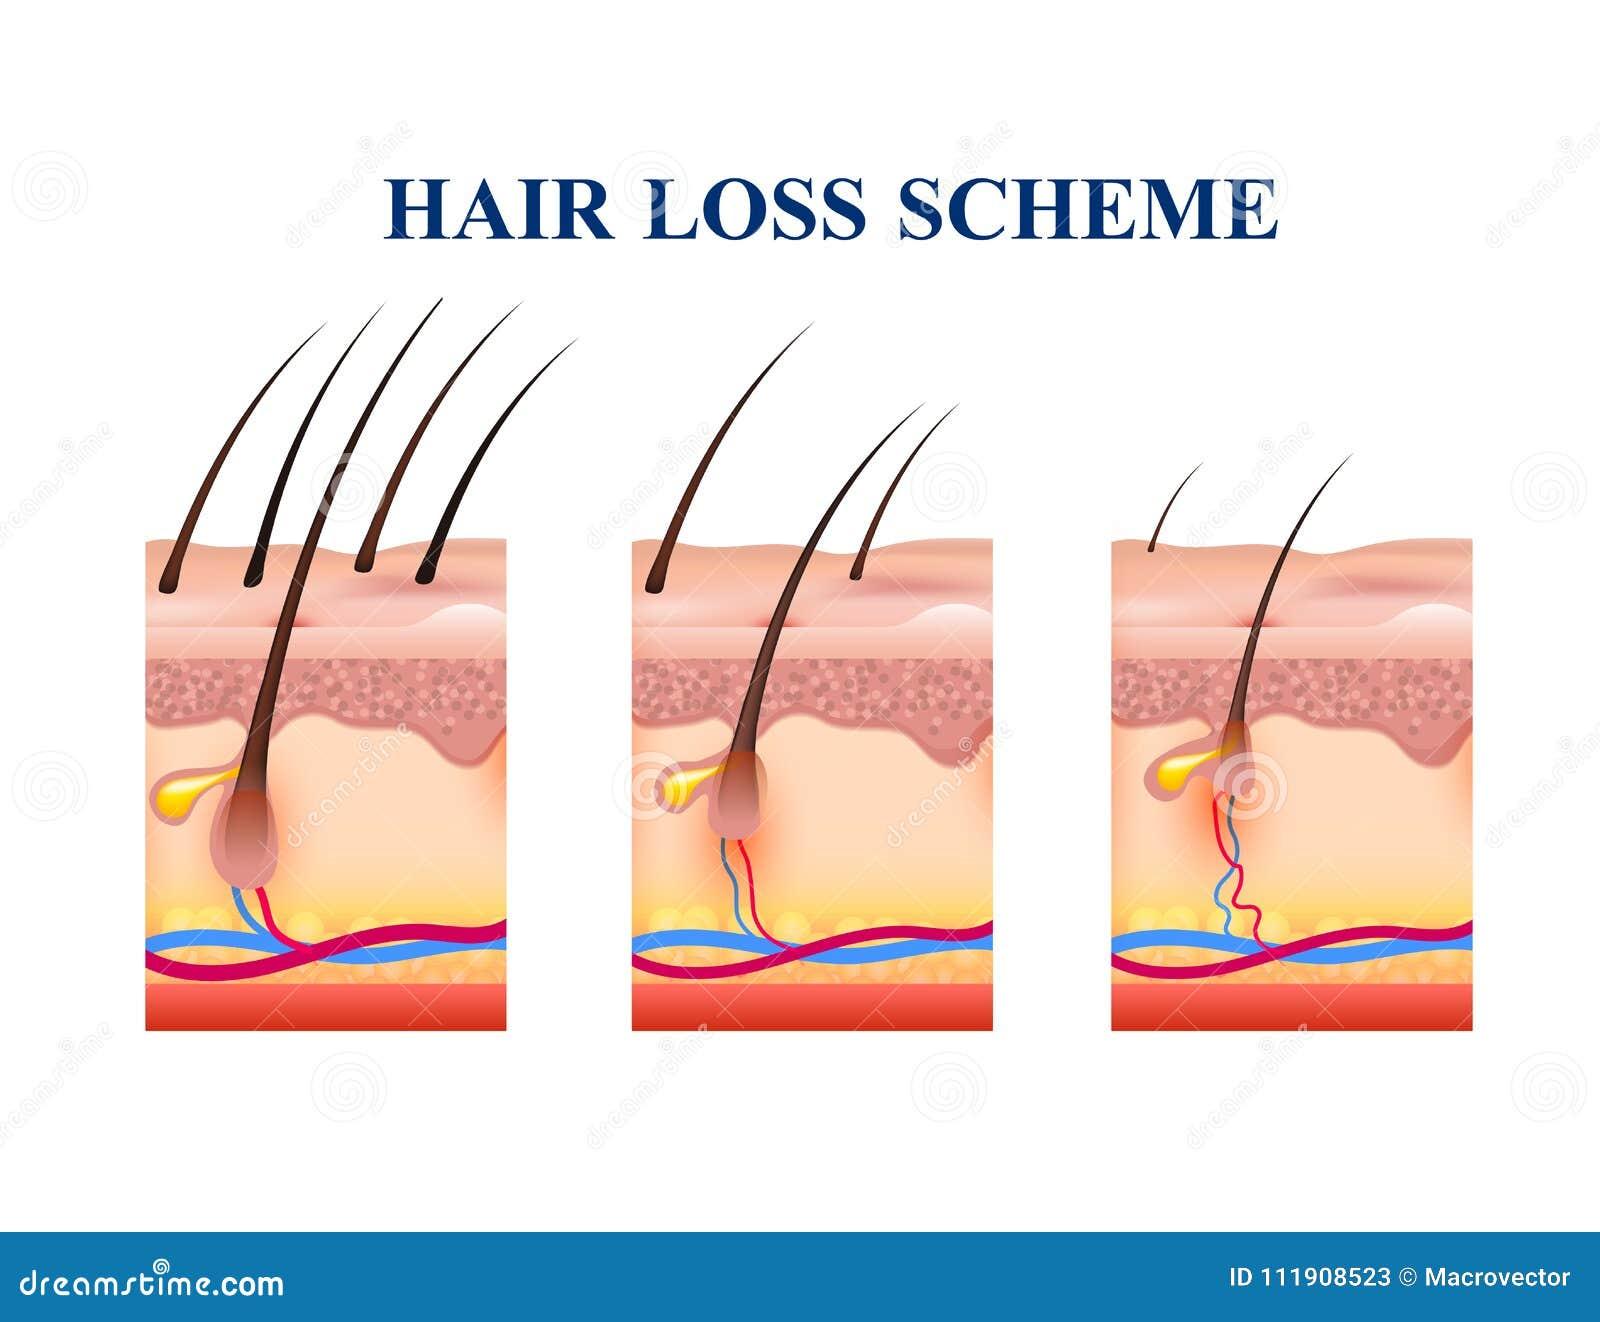 Schema di perdita di capelli